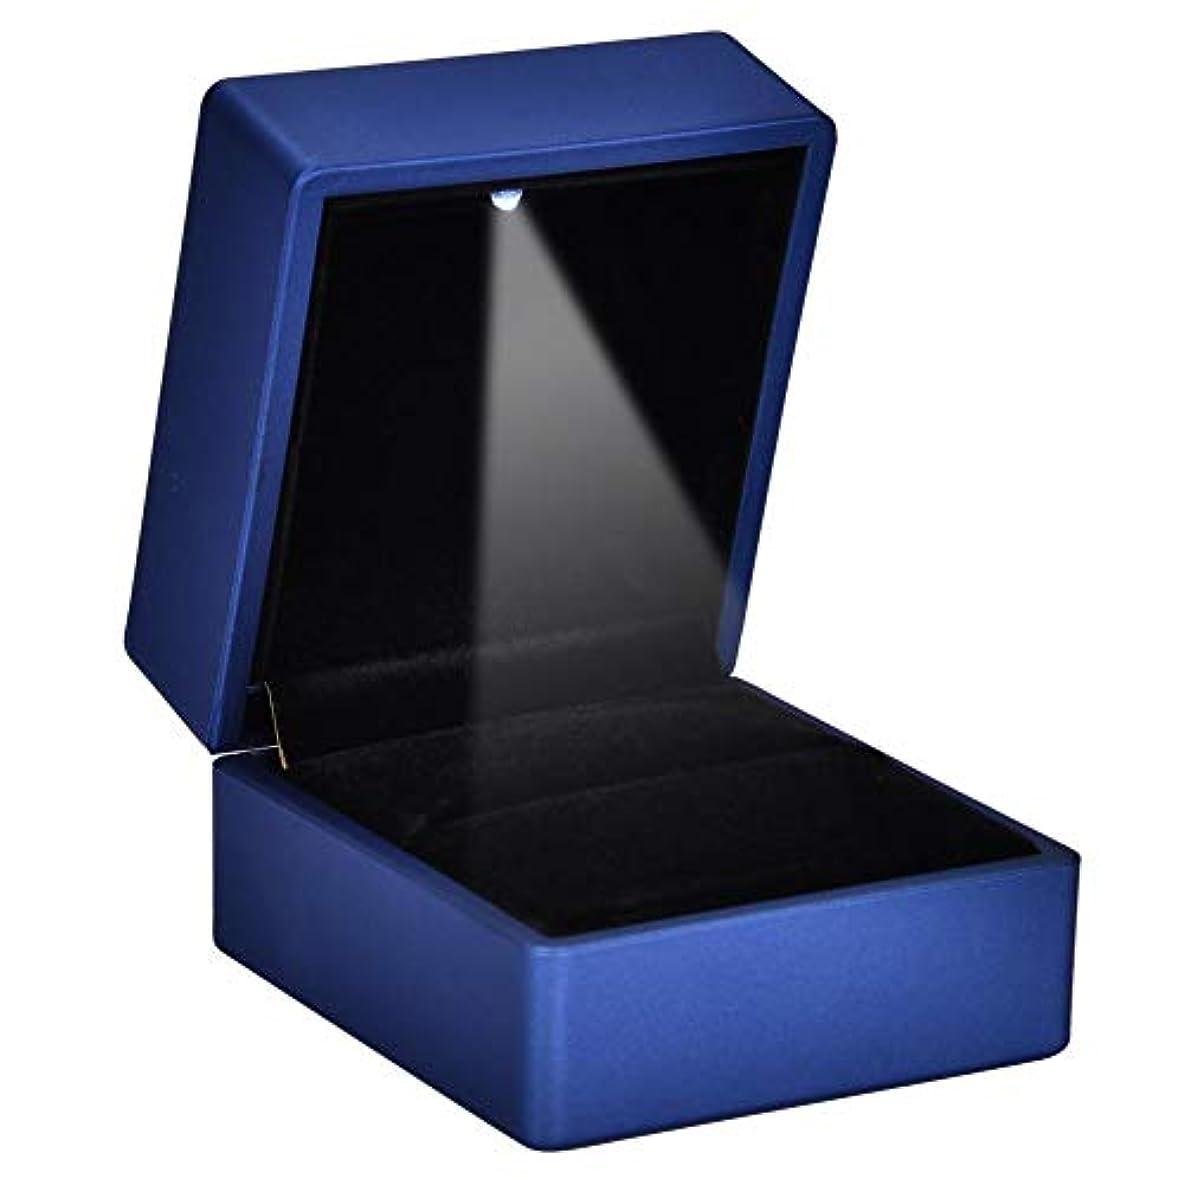 出くわす忙しいびっくりした2種類ファッショナブルなLEDリングボックス - 内部LED照明付きリングケース、ジュエリーホルダーリング収納ケース、結婚式の提案(ブルー-90 * 70 * 35)